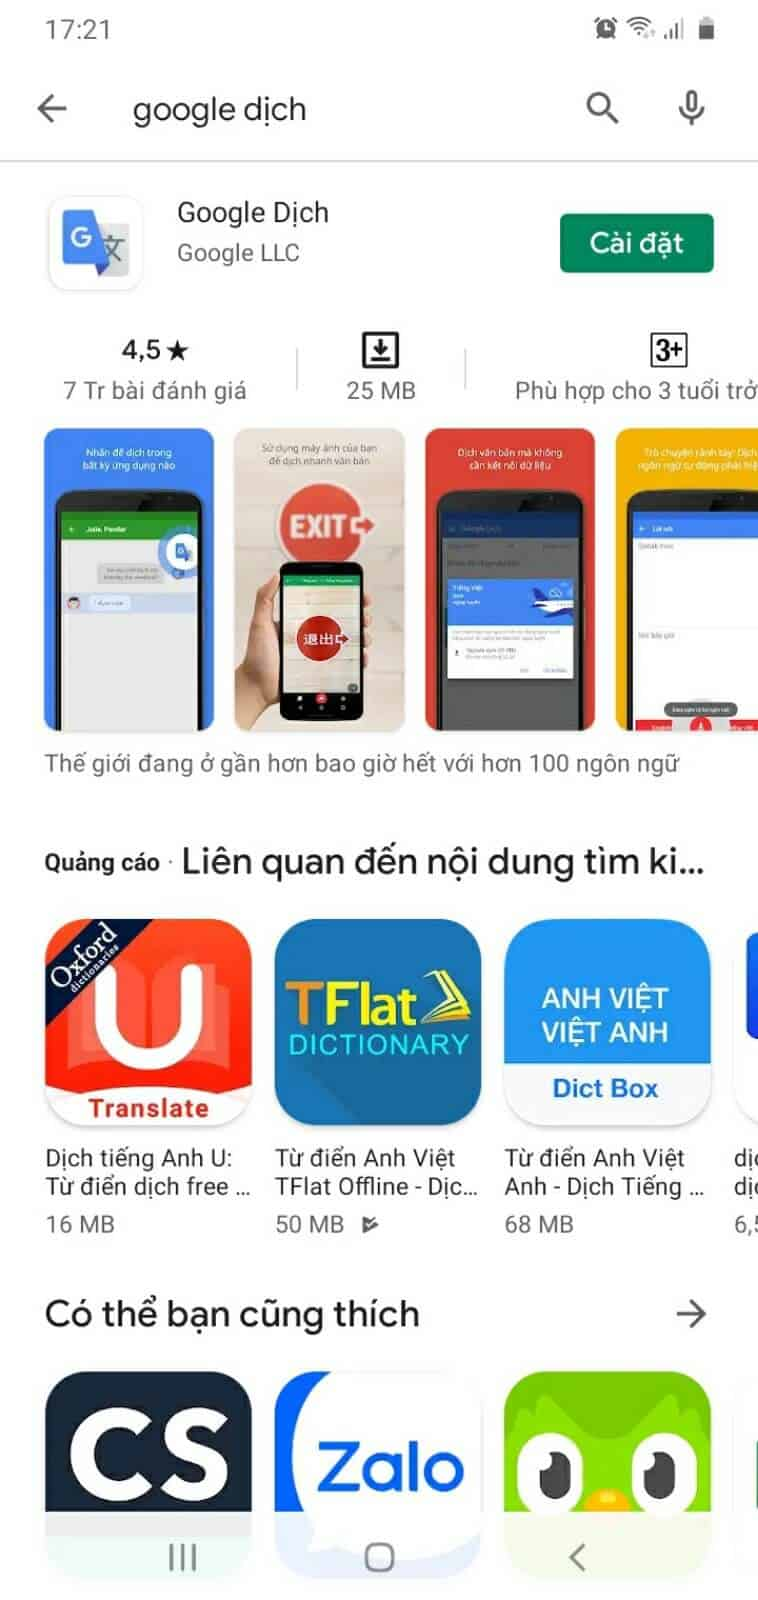 Tải ứng dụng Google dịch về điện thoại - Nguồn ảnh: Internet